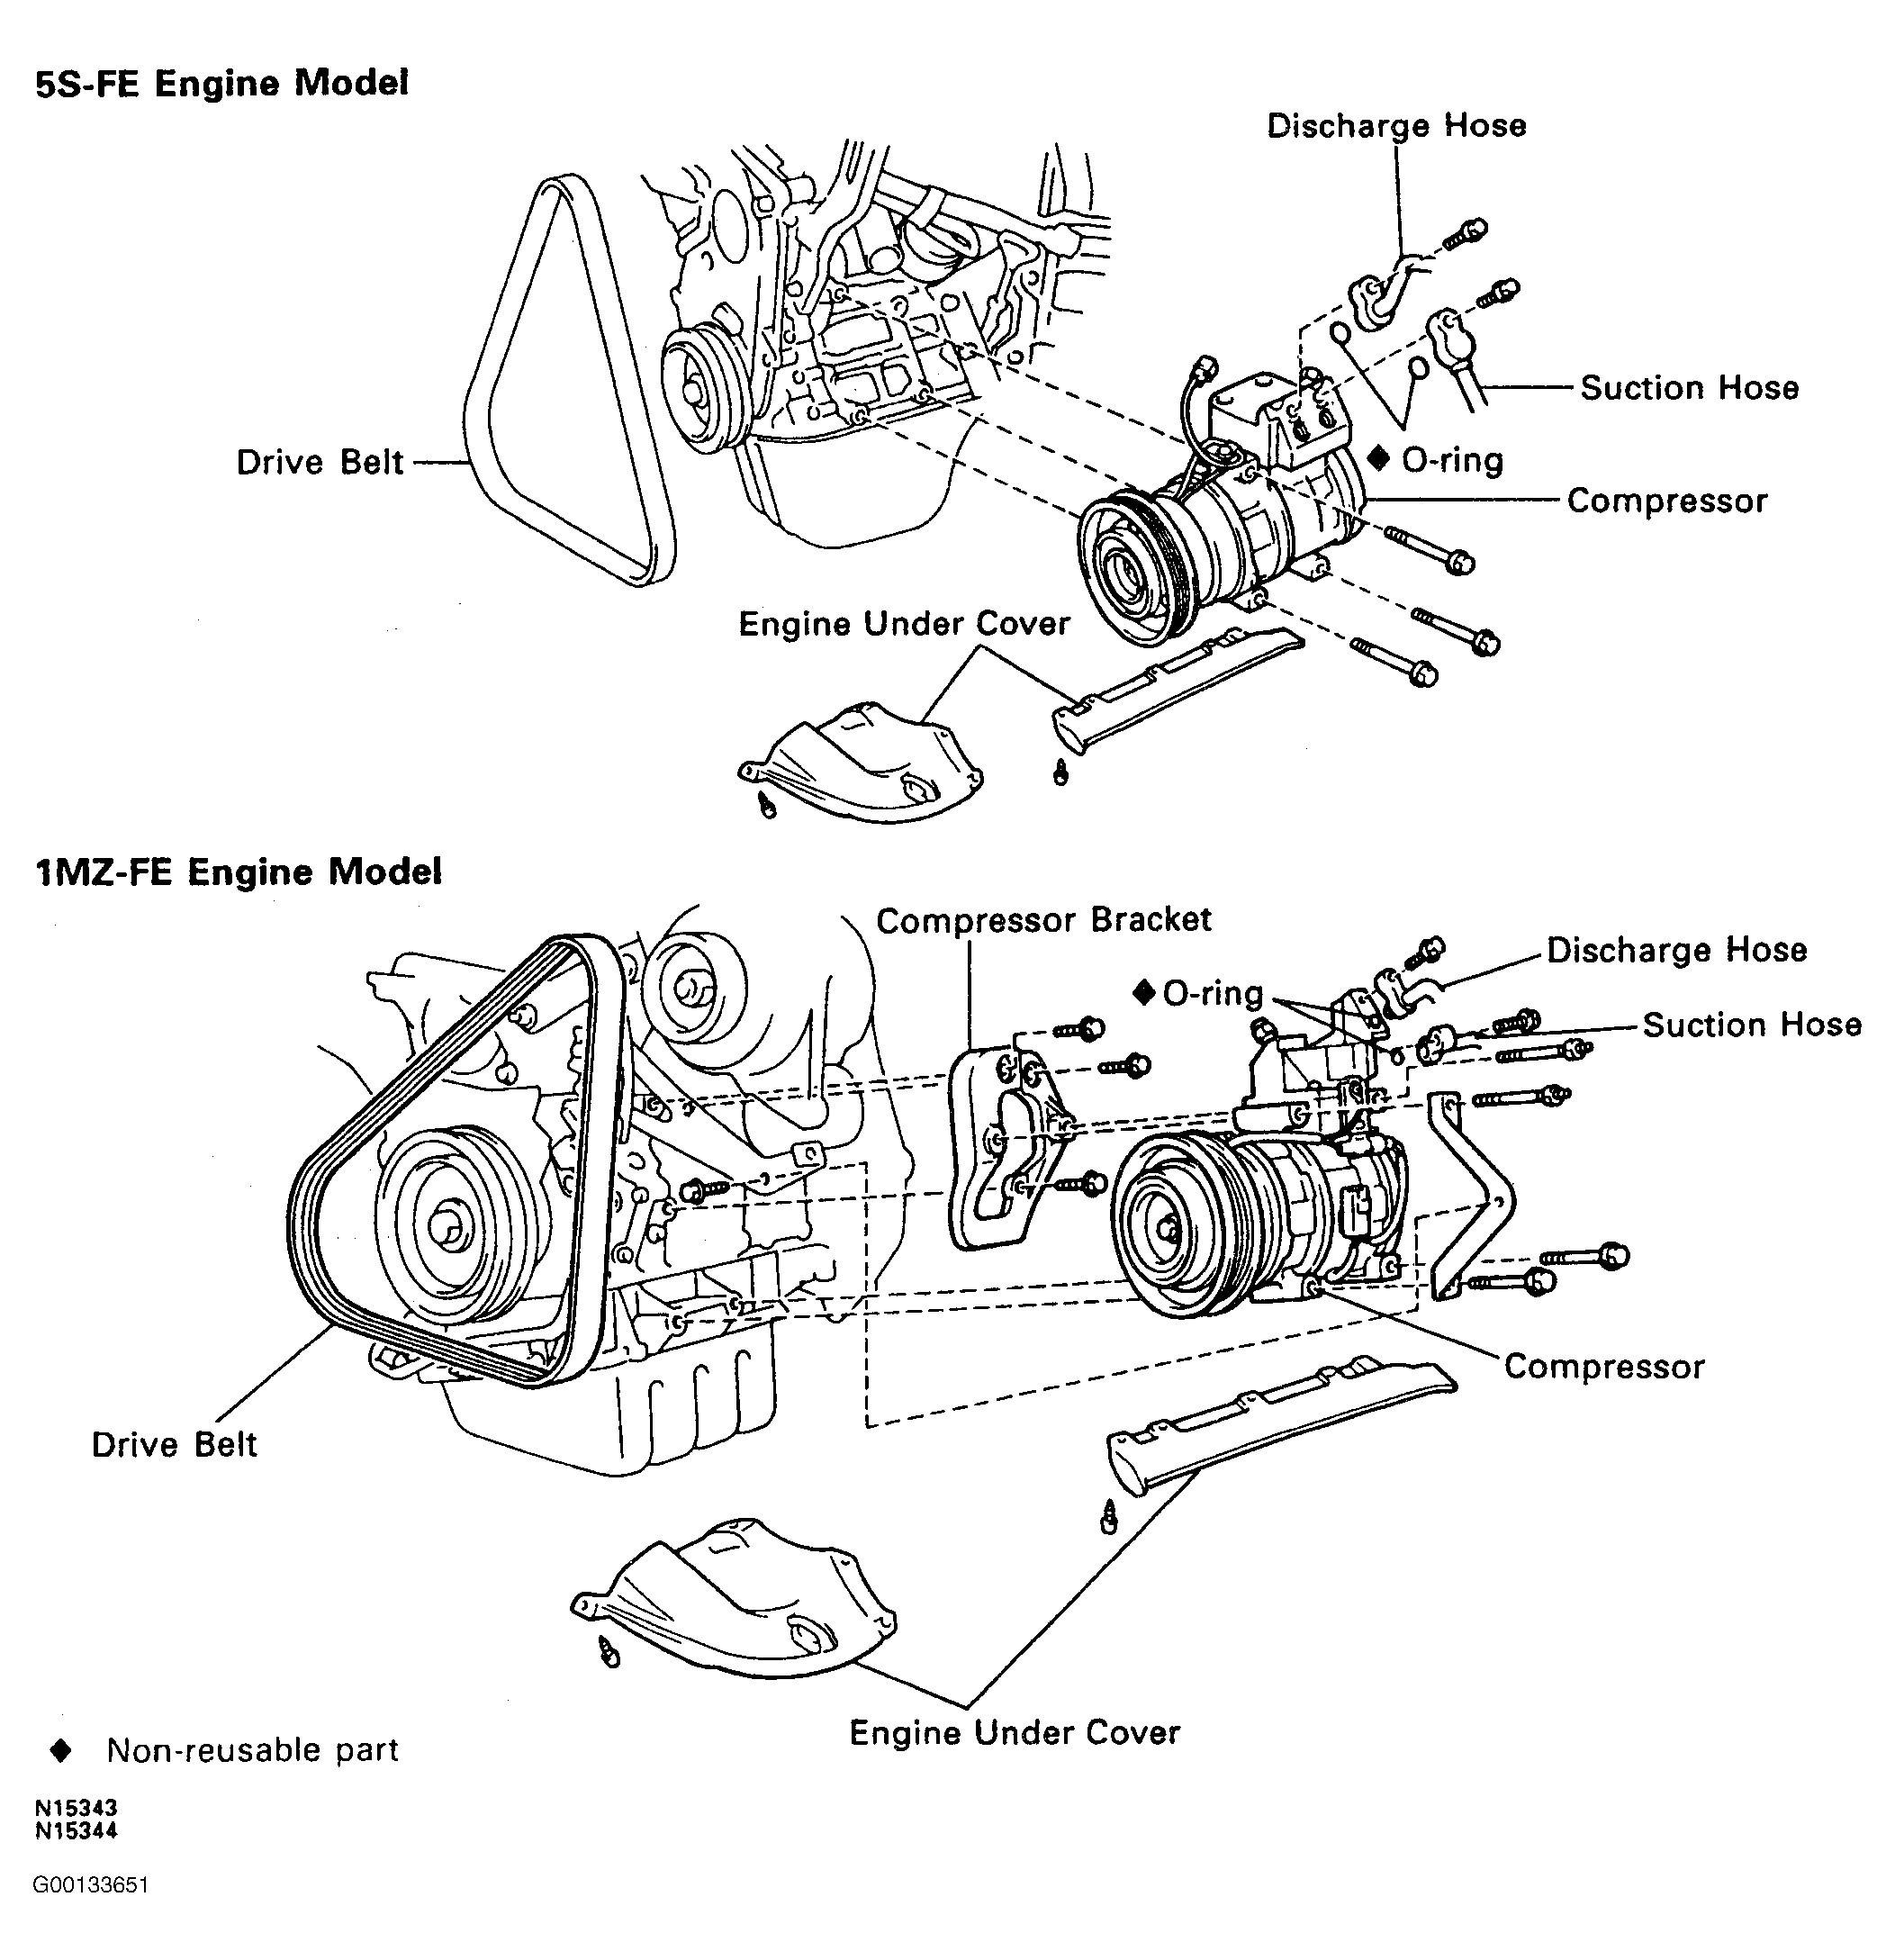 2007 Rav4 Engine Diagram Download [schema] 97 Rav4 Engine Diagram Full Quality Of 2007 Rav4 Engine Diagram